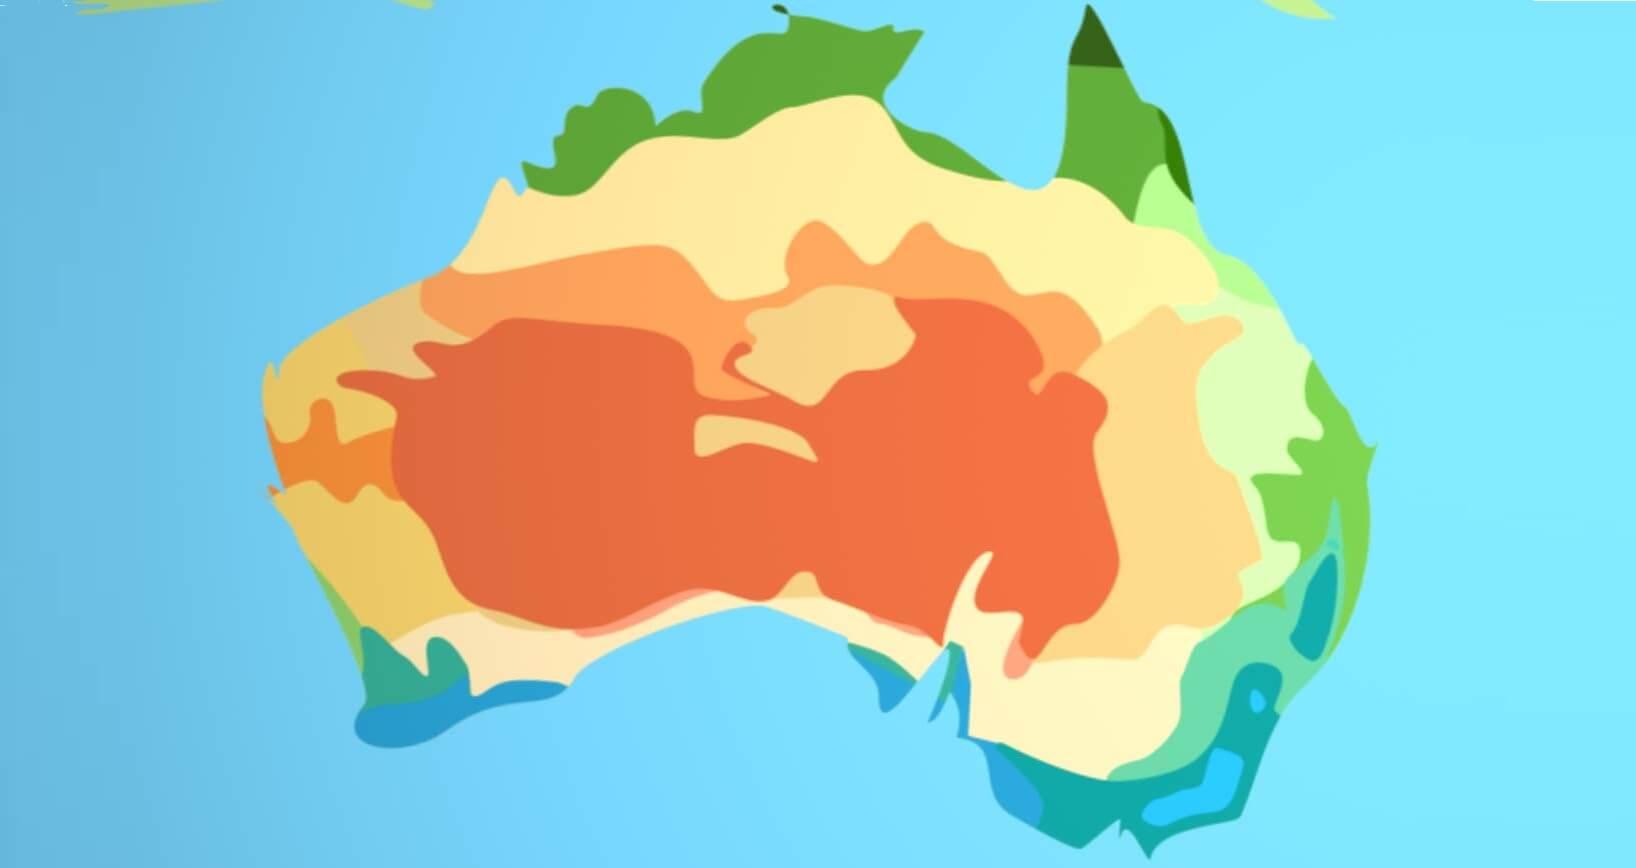 آب و هوای استرالیا چگونه است؟